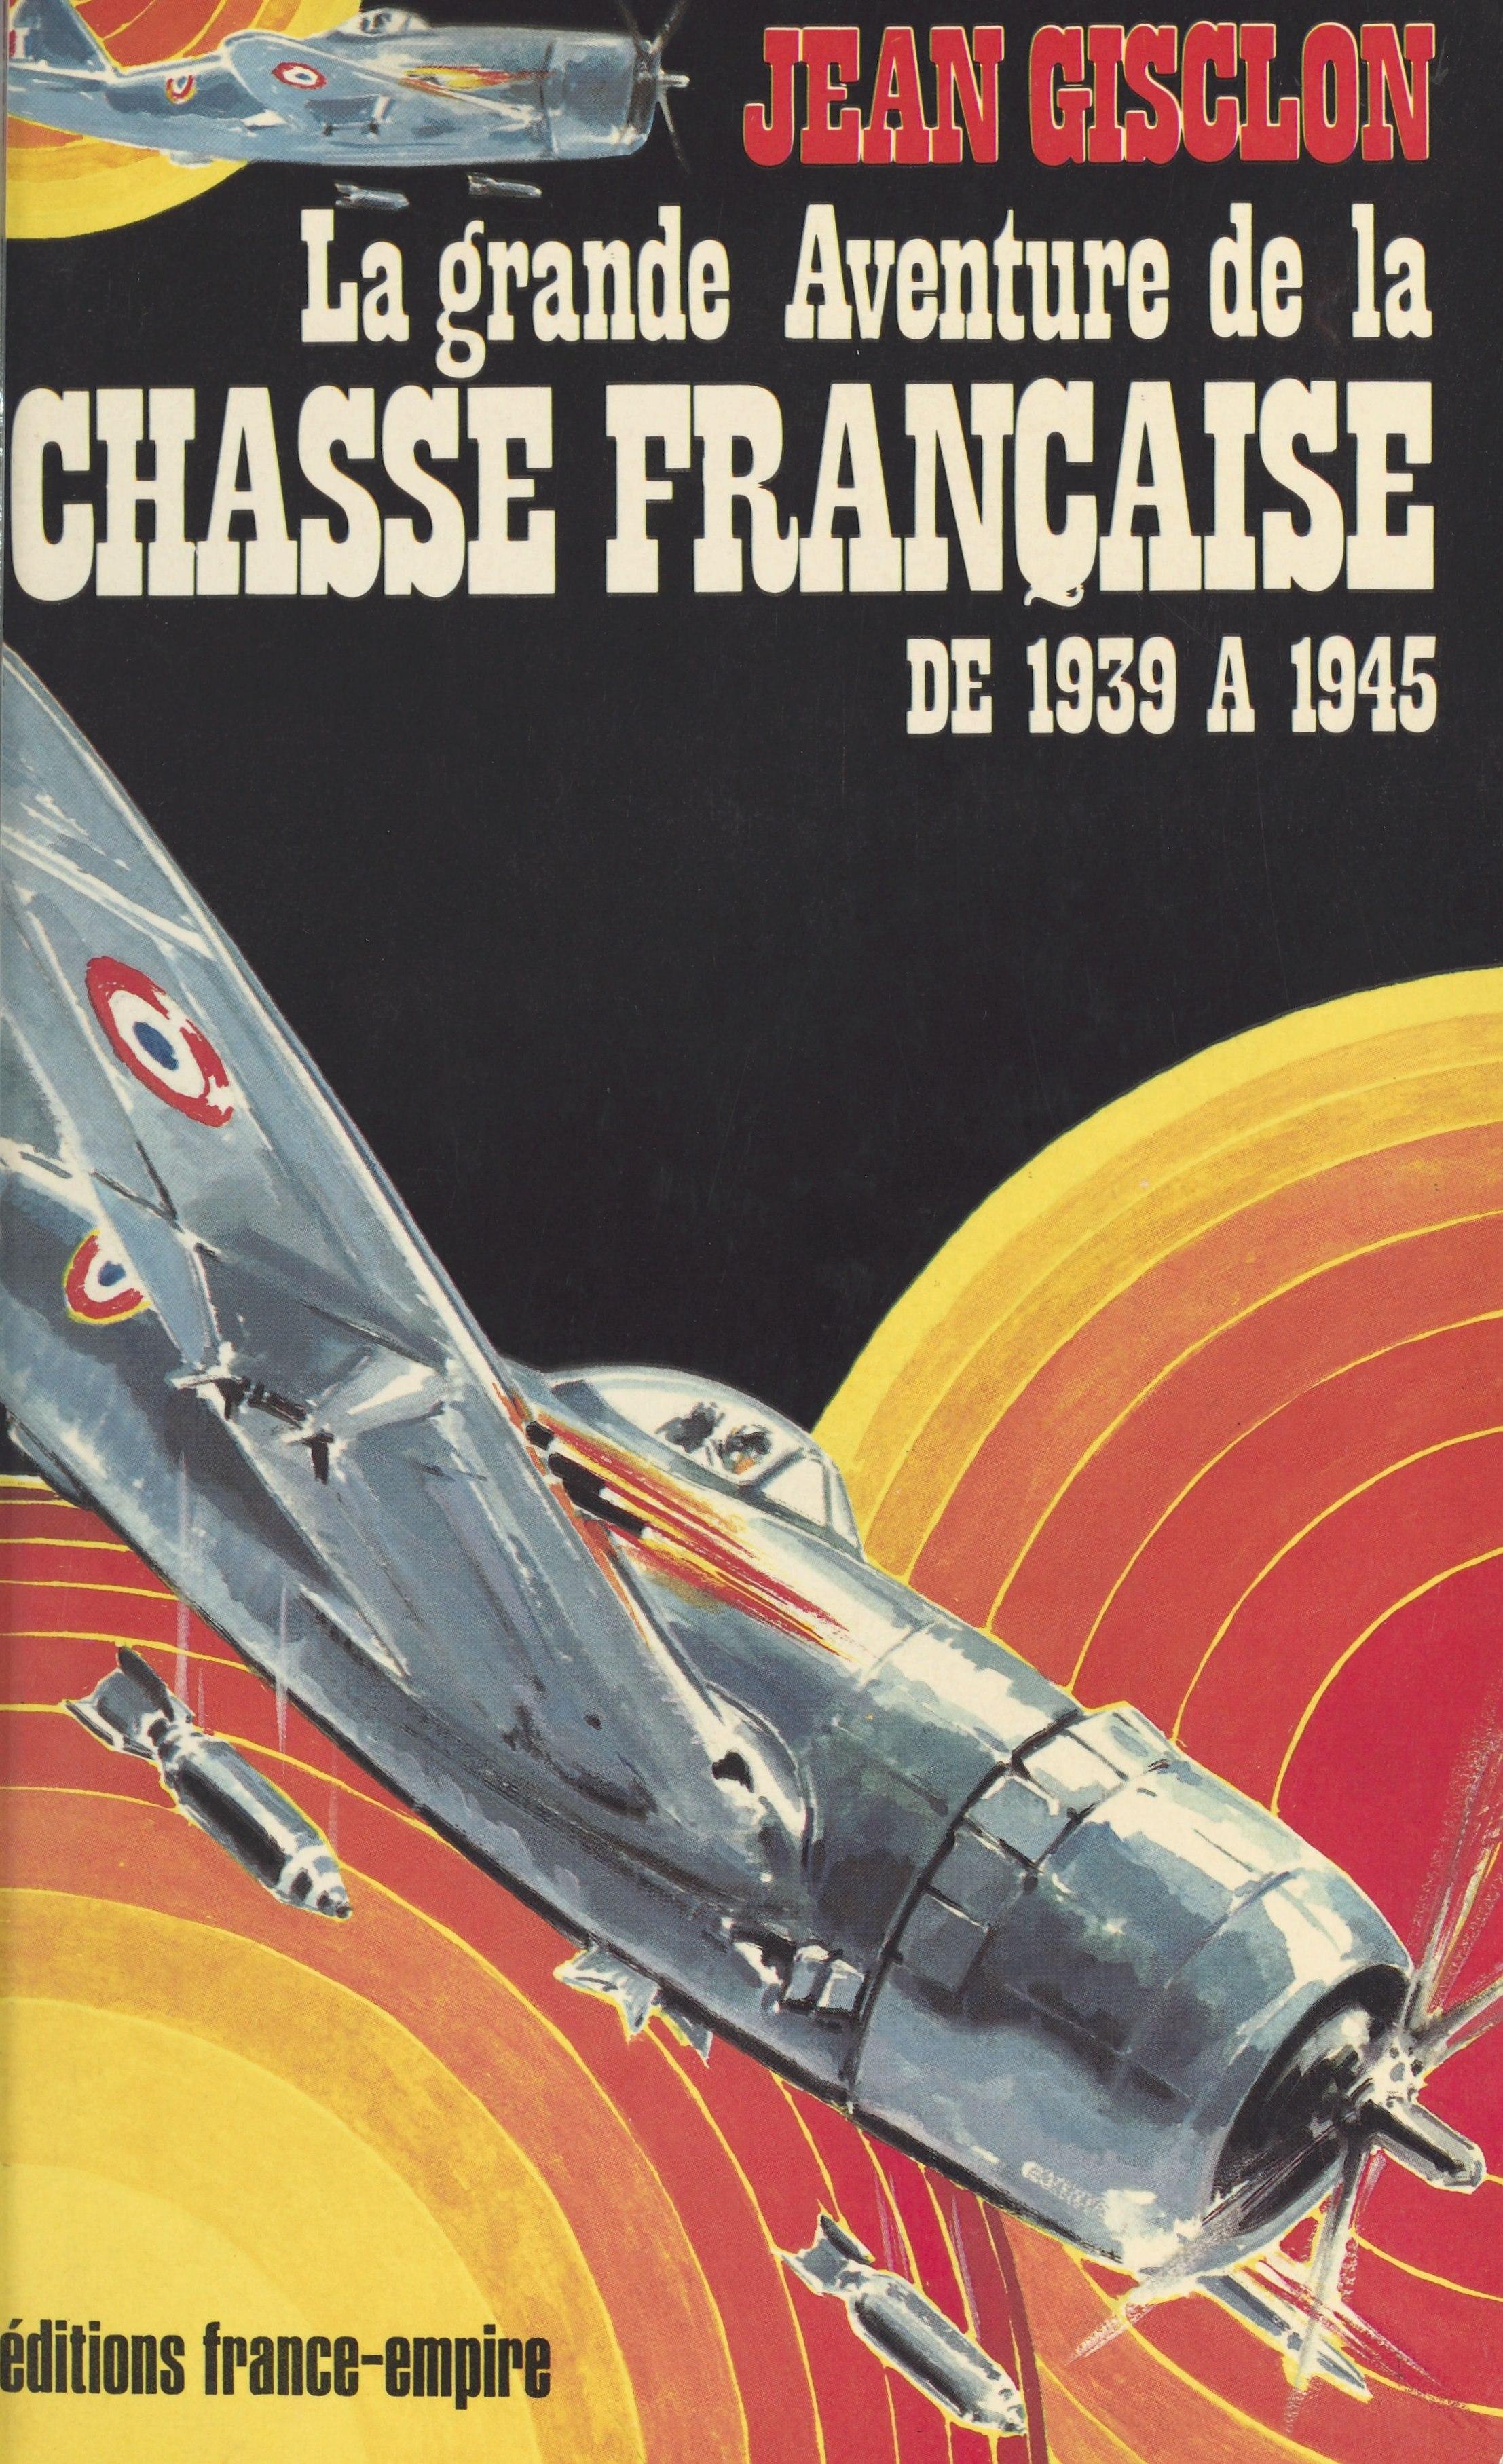 La grande aventure de la chasse française, DE 1939 À 1945